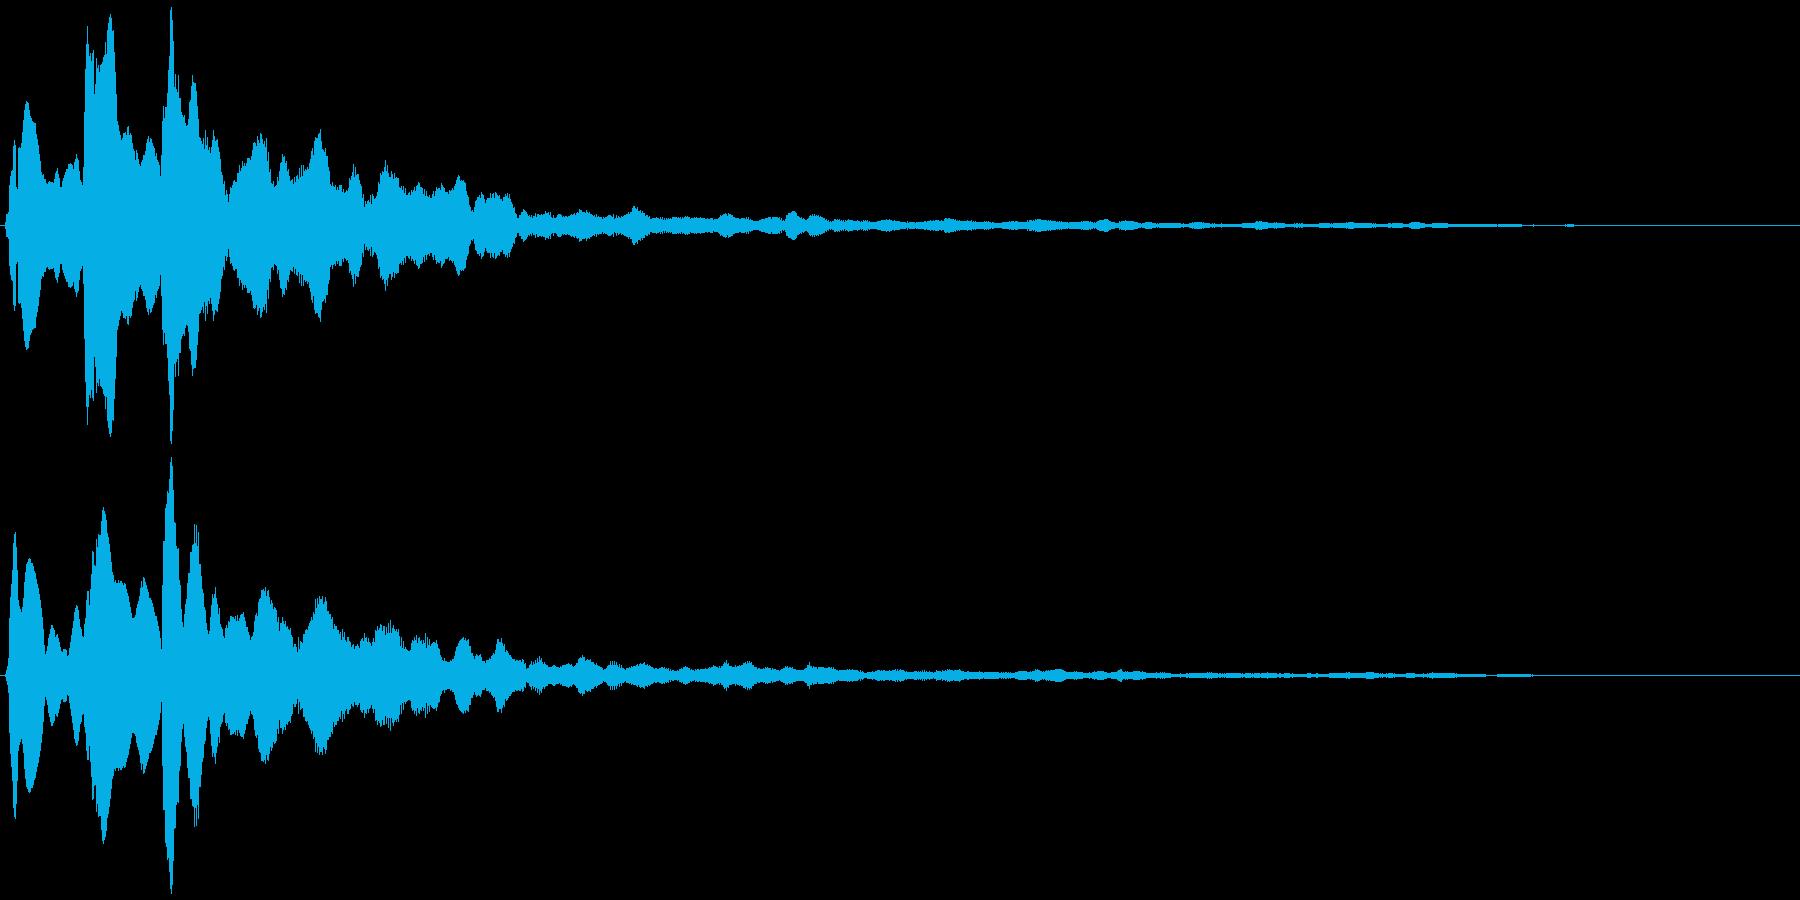 キラーン  (瞬き、余韻)の再生済みの波形